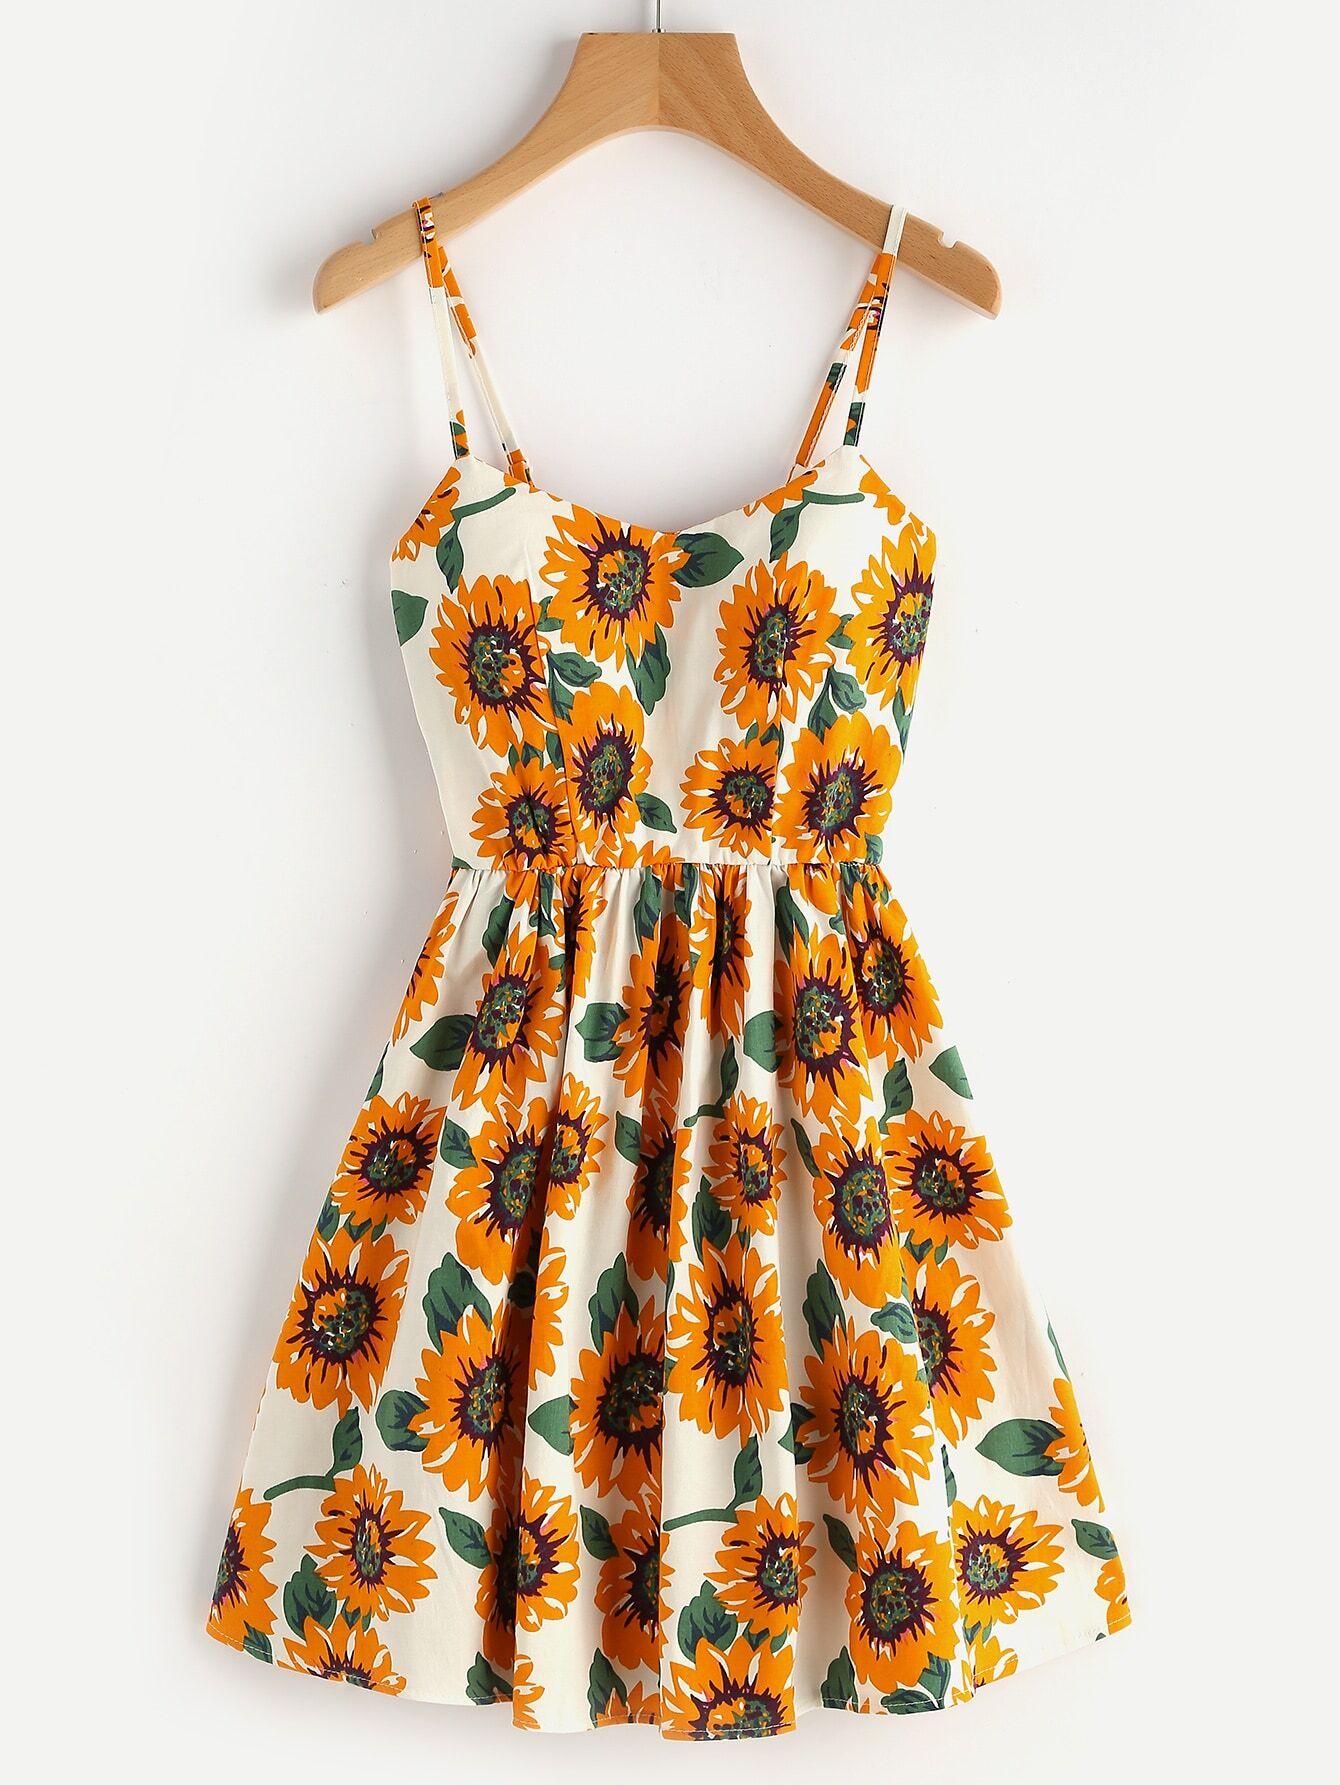 Random Sunflower Print Crisscross Back A Line Cami Dress random sunflower print crisscross back a line cami dress